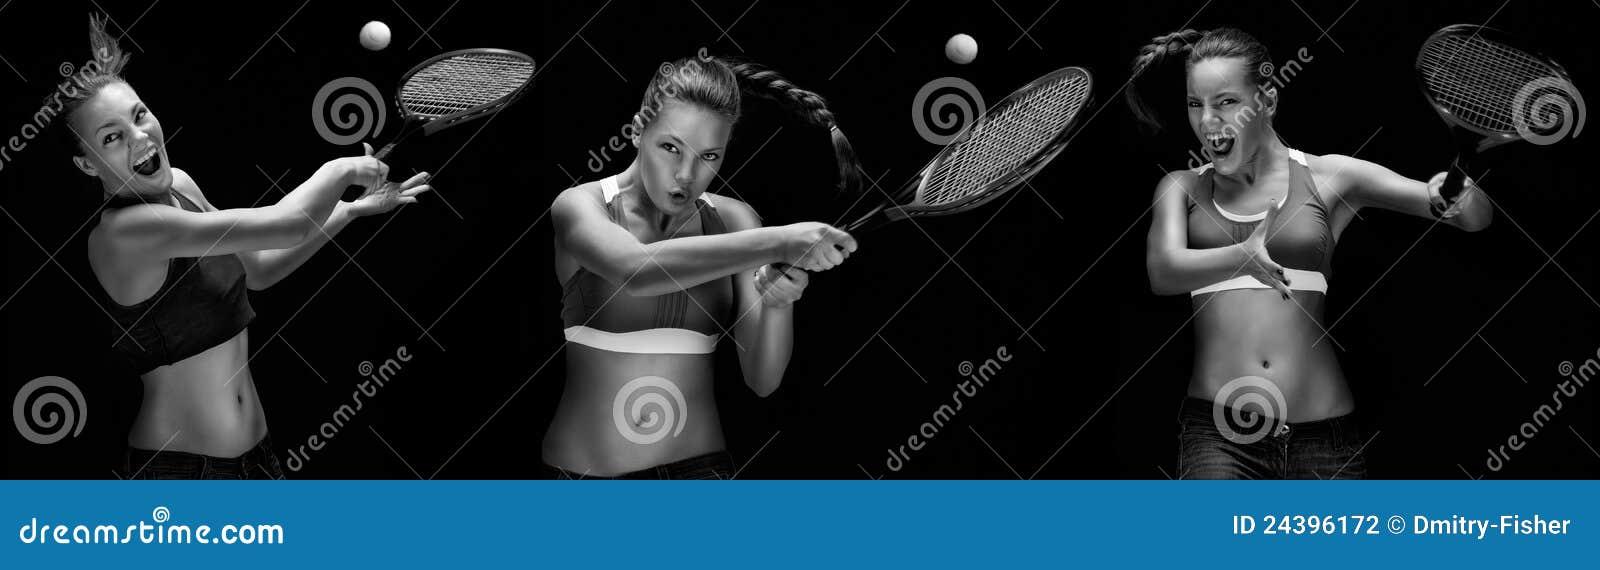 Giocatore di tennis della donna